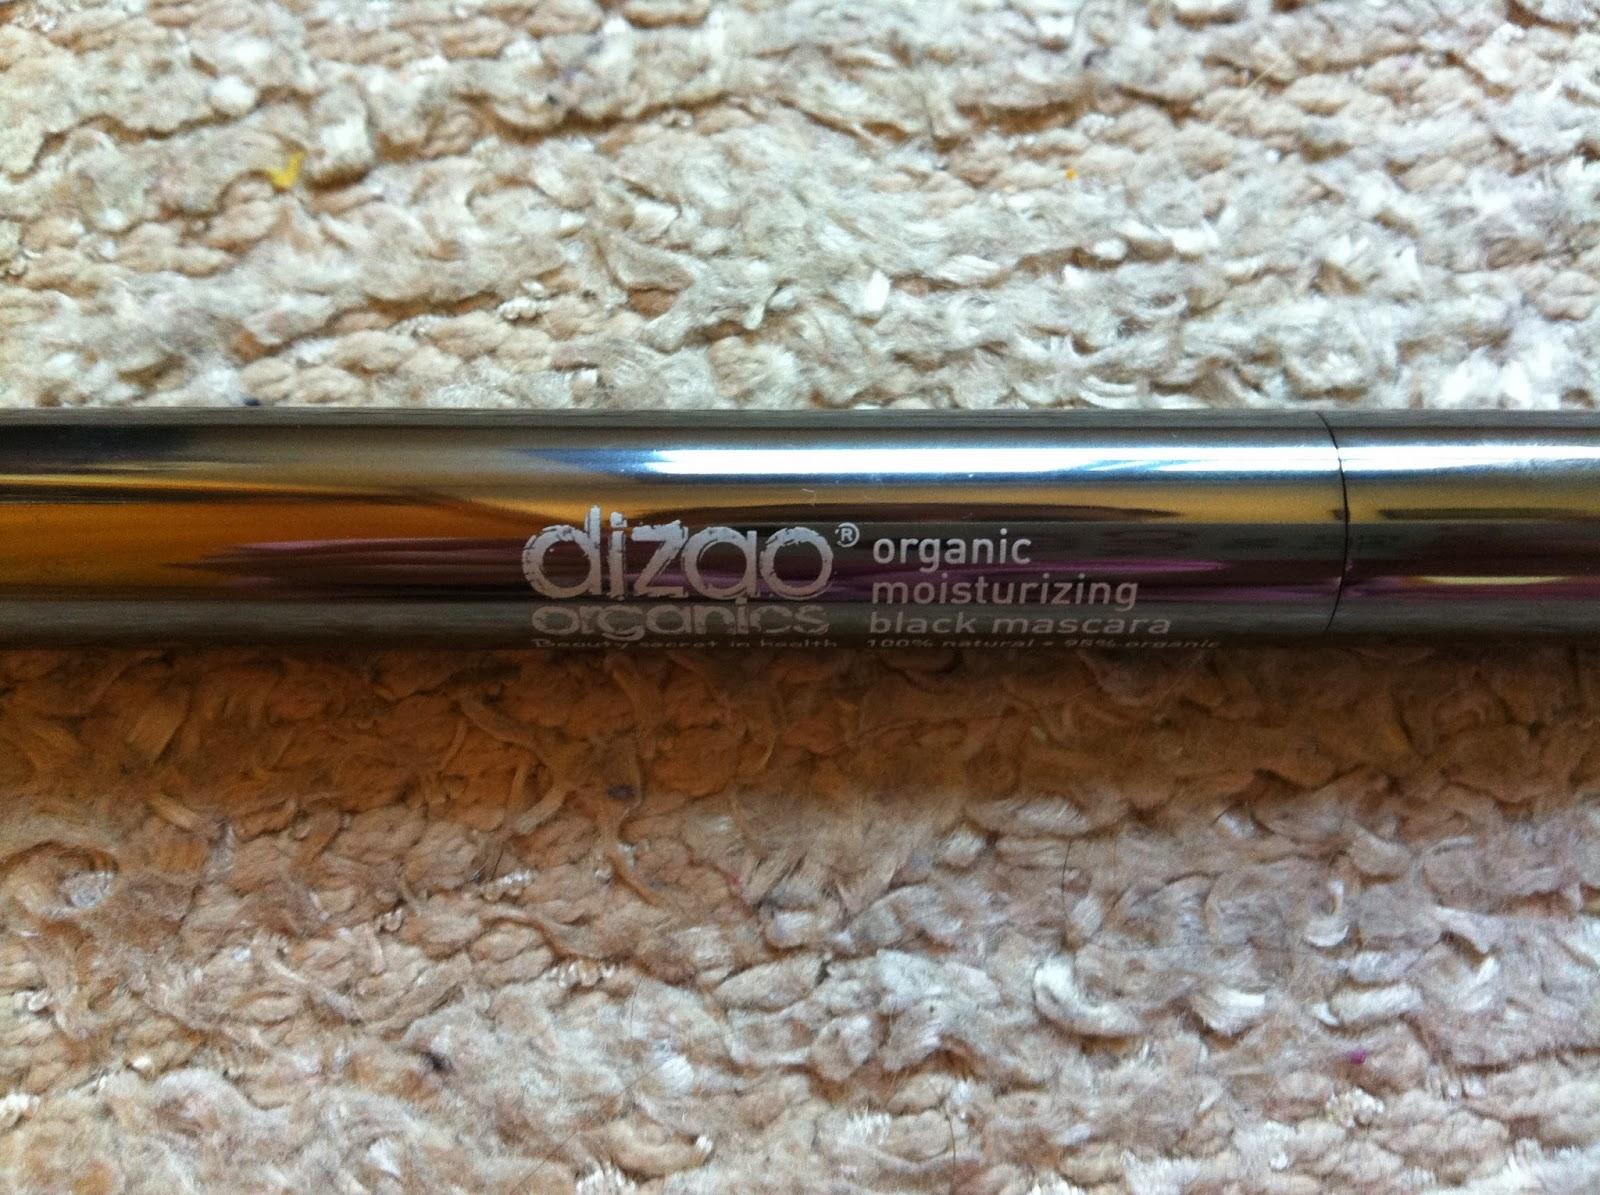 mascara pestañas ecologica Dizao Organics, olor a chocolate